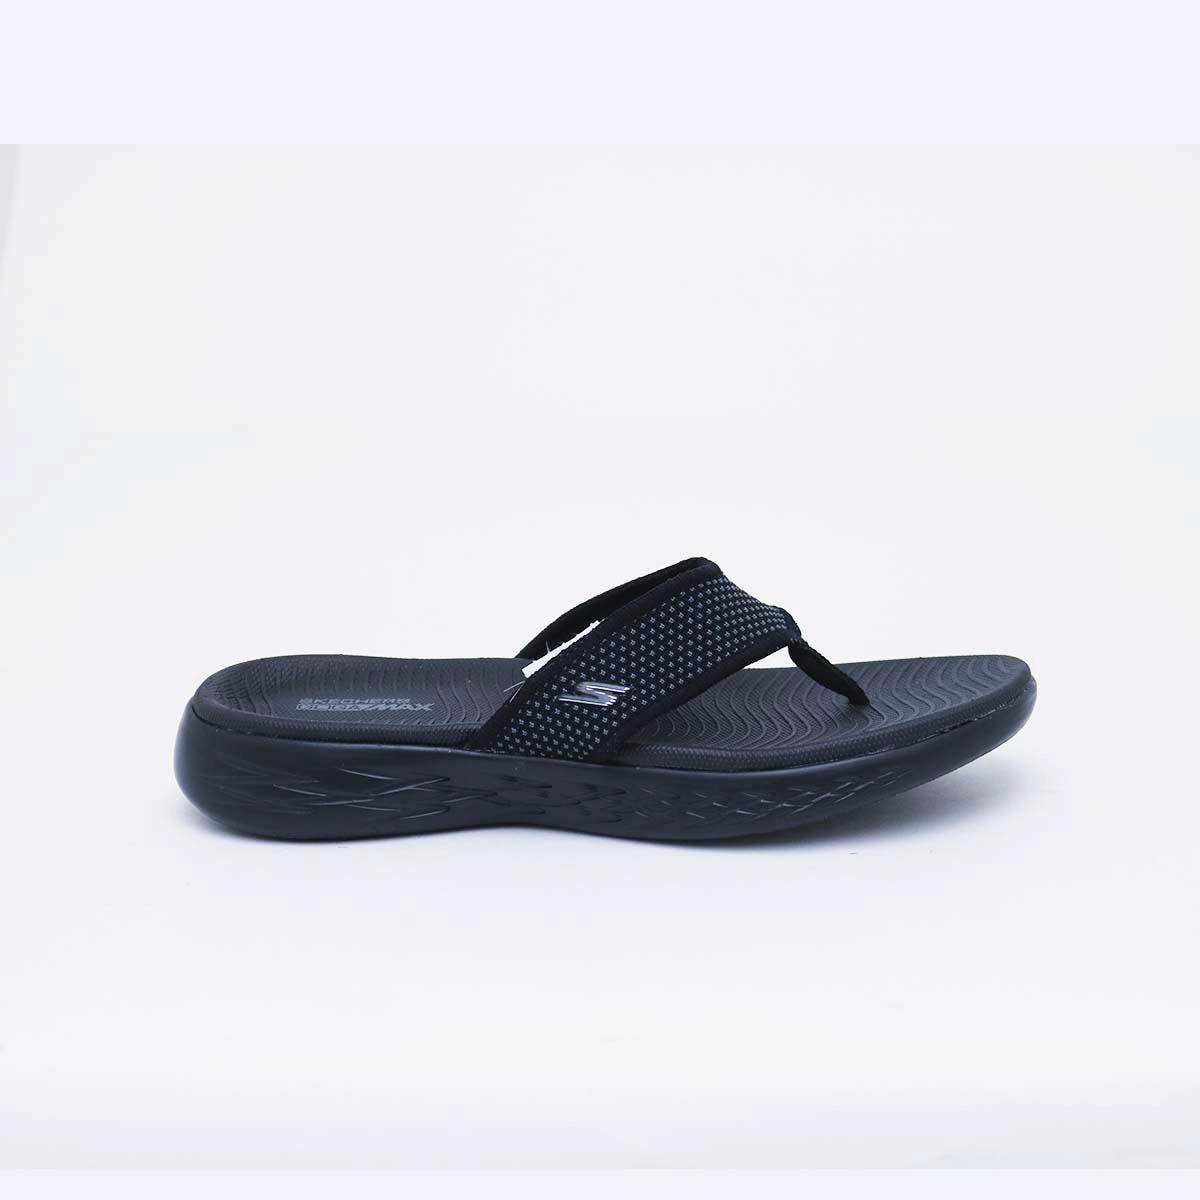 once rehén Muñeco de peluche  skechers mujer sandalias 2019 - Tienda Online de Zapatos, Ropa y  Complementos de marca